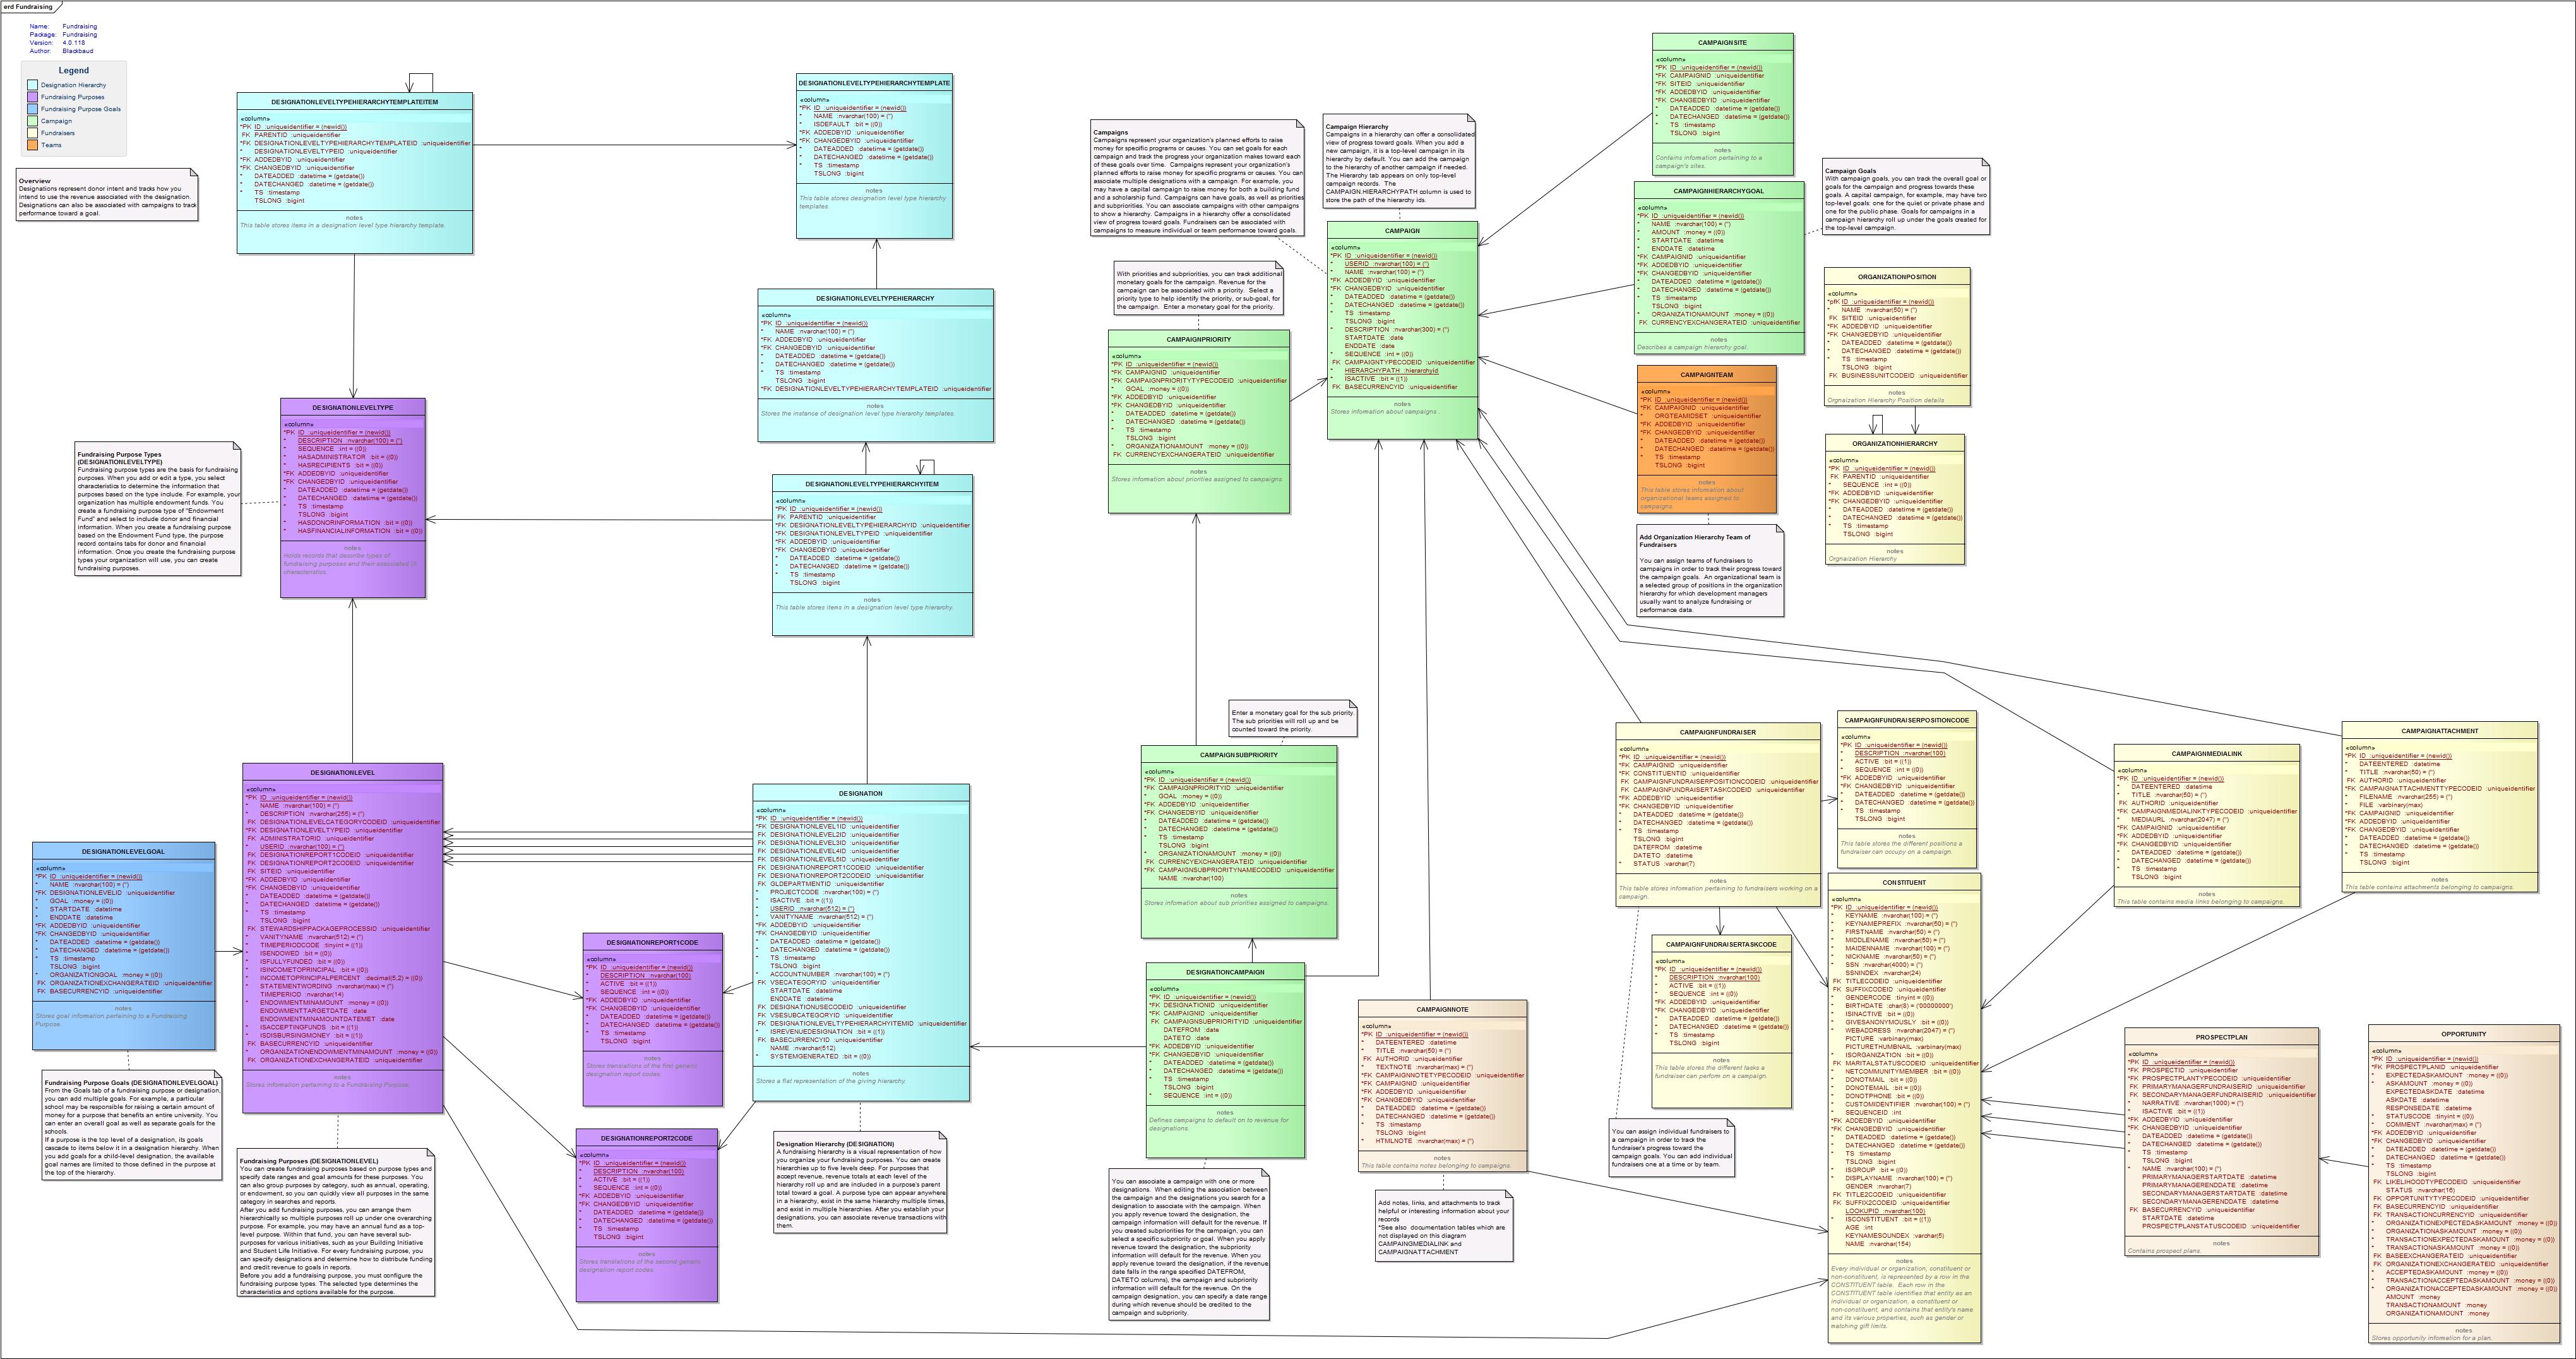 Subject Area Entity Relationship Diagrams - Blackbaud Crm 4.0 in Er Diagram Hierarchy